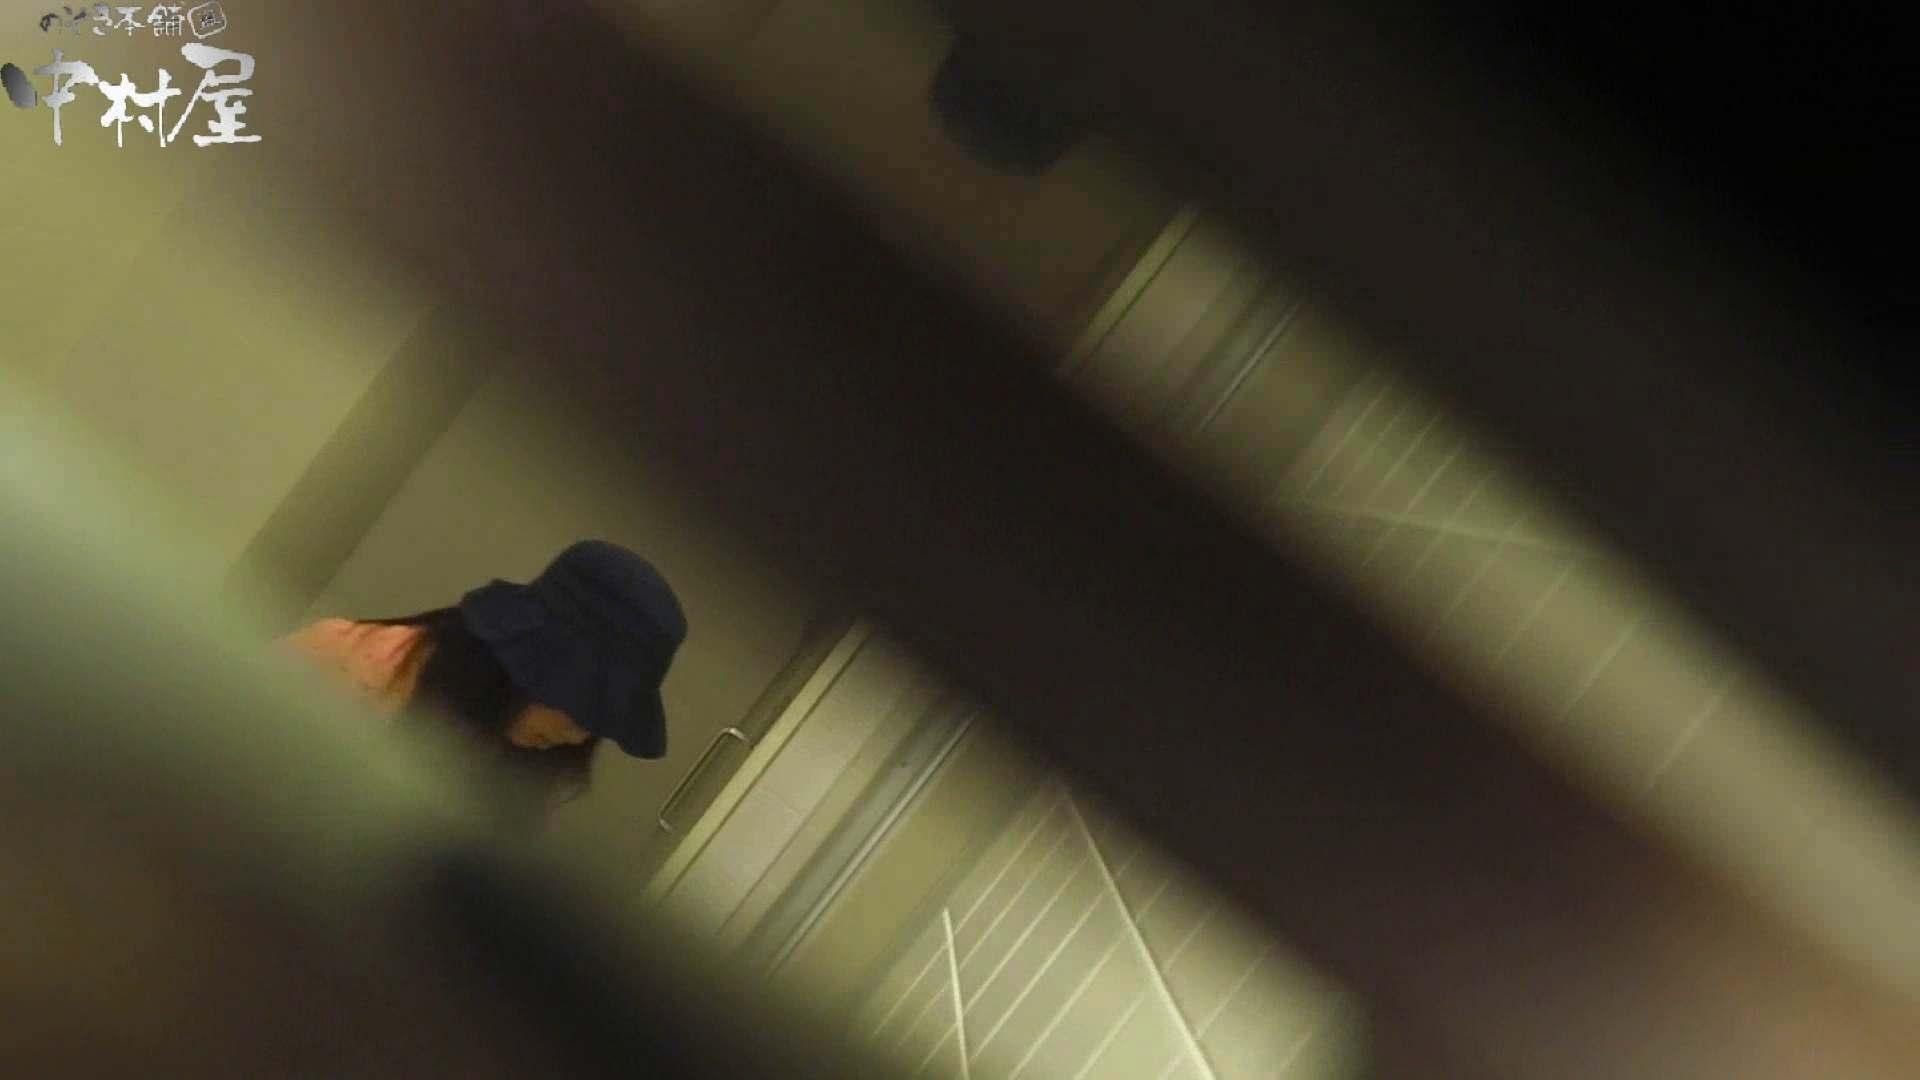 【お銀さんの「洗面所突入レポート!!」】お銀さんの「洗面所突入レポート!!」 vol.28小島陽菜似のピンクオシャレさん 洗面所編  94PIX 80